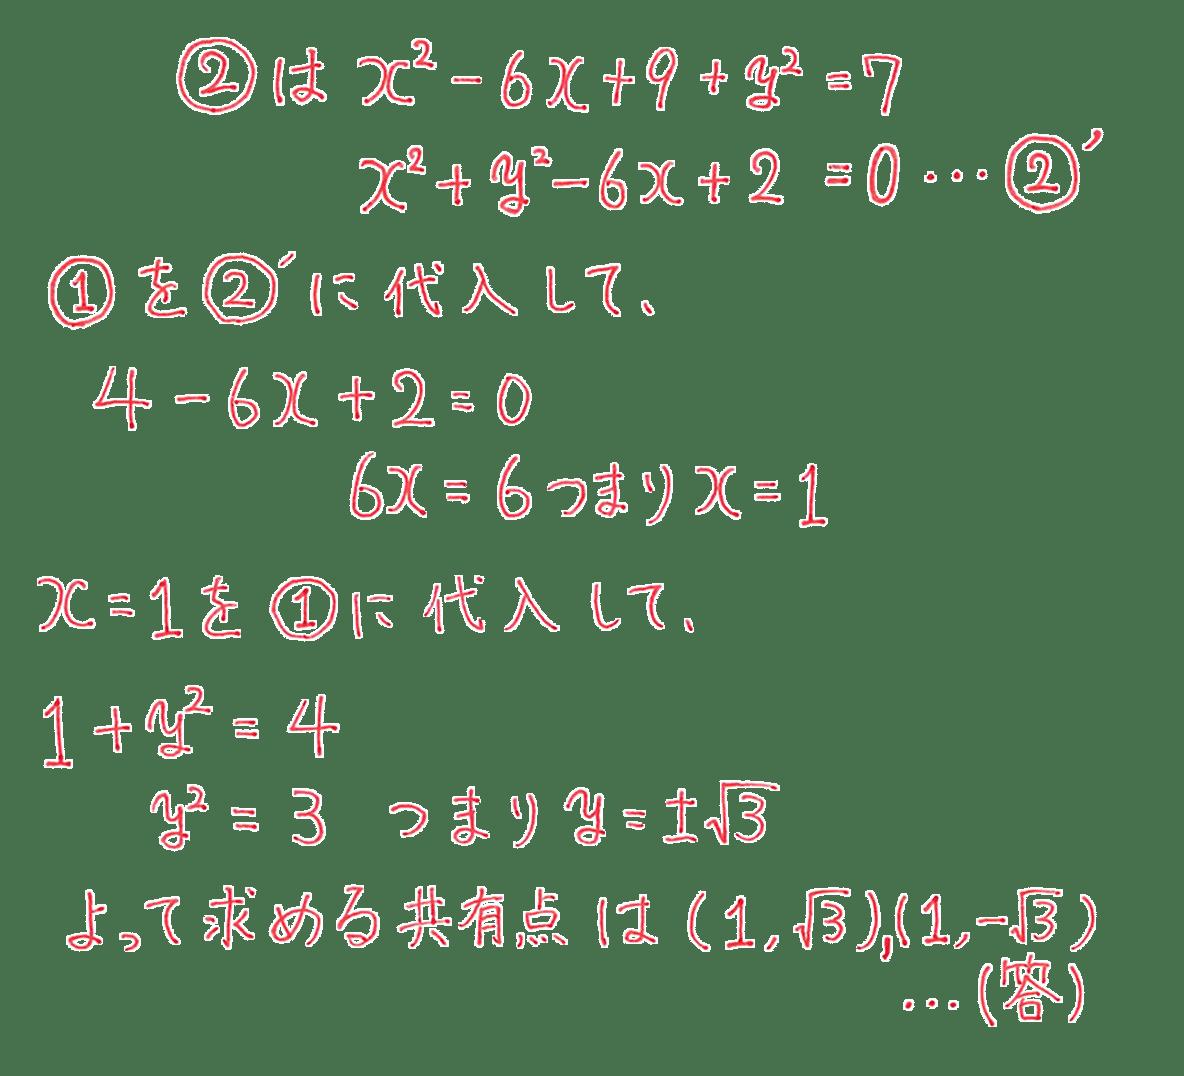 高校数学Ⅱ 図形と方程式28 例題 答え